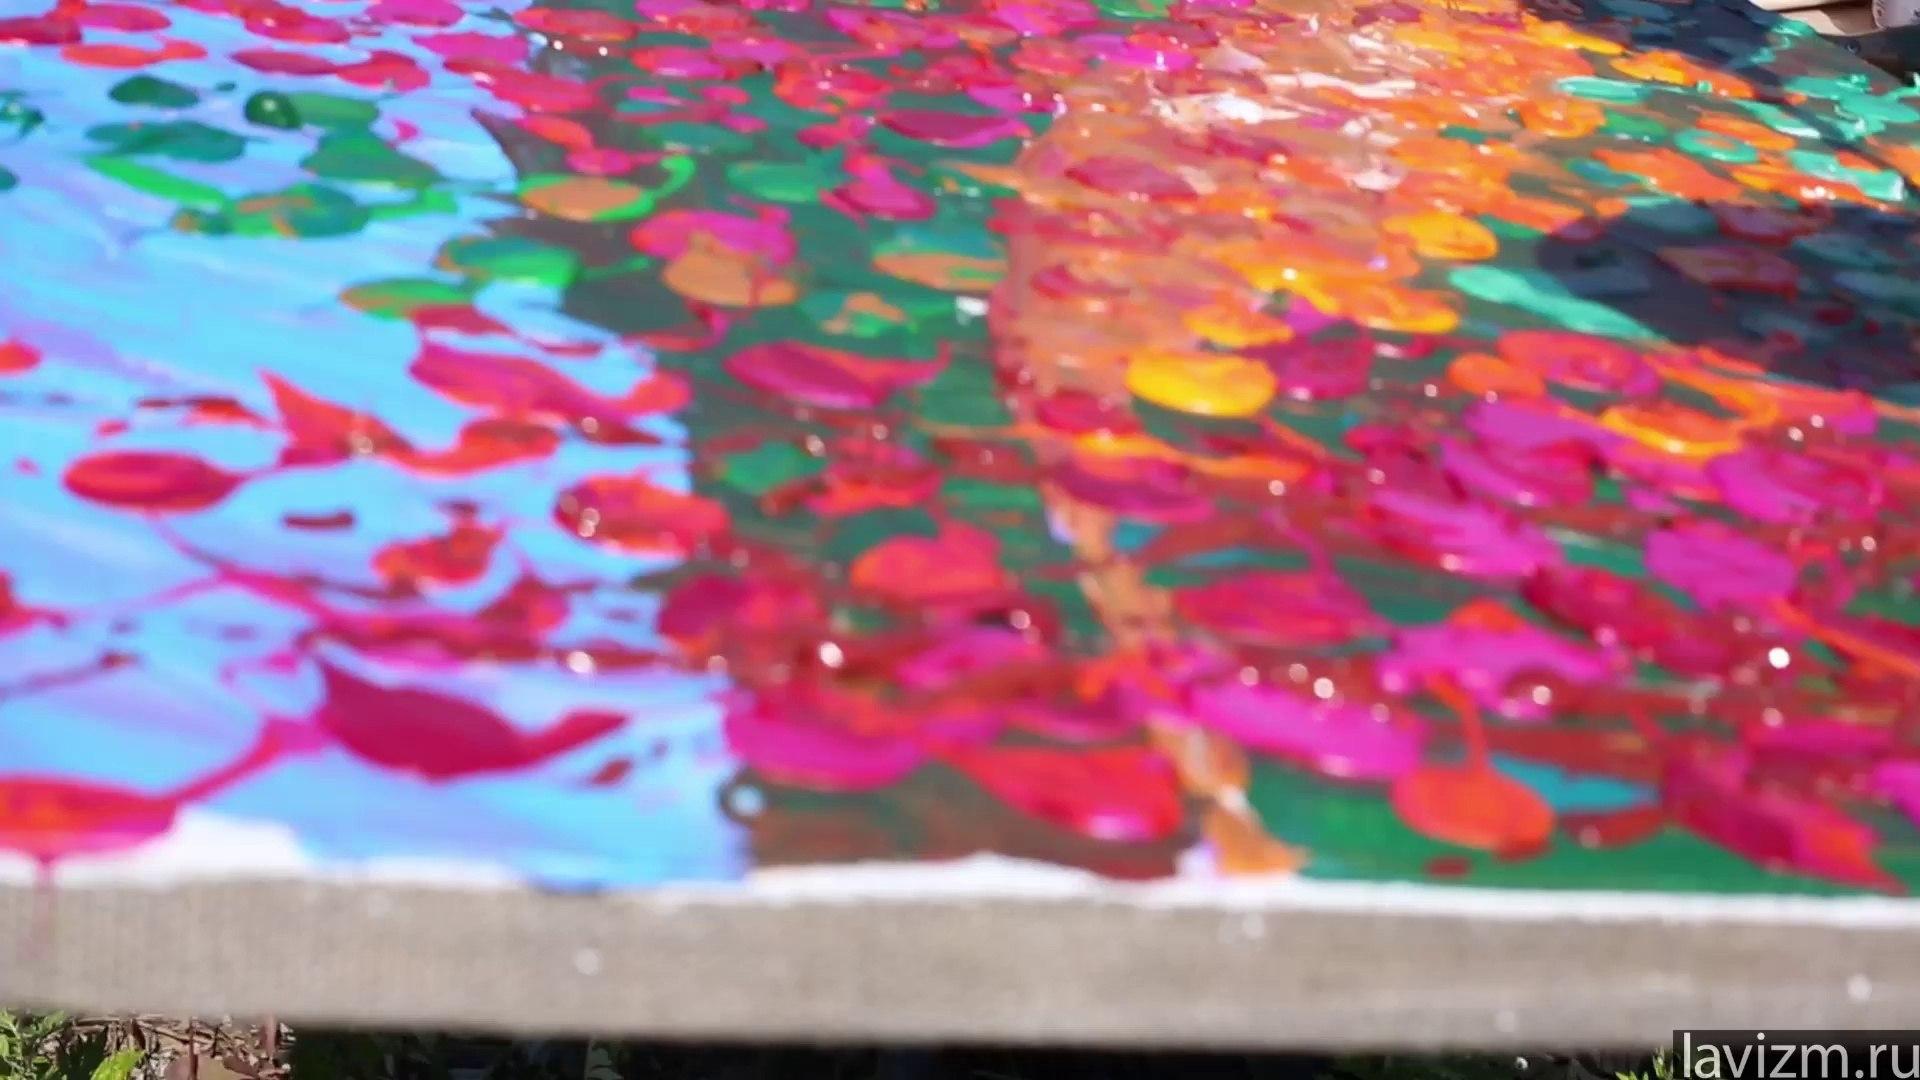 Поэма Картина Лавизм Тема художник Искусство культура Стихи о творчестве